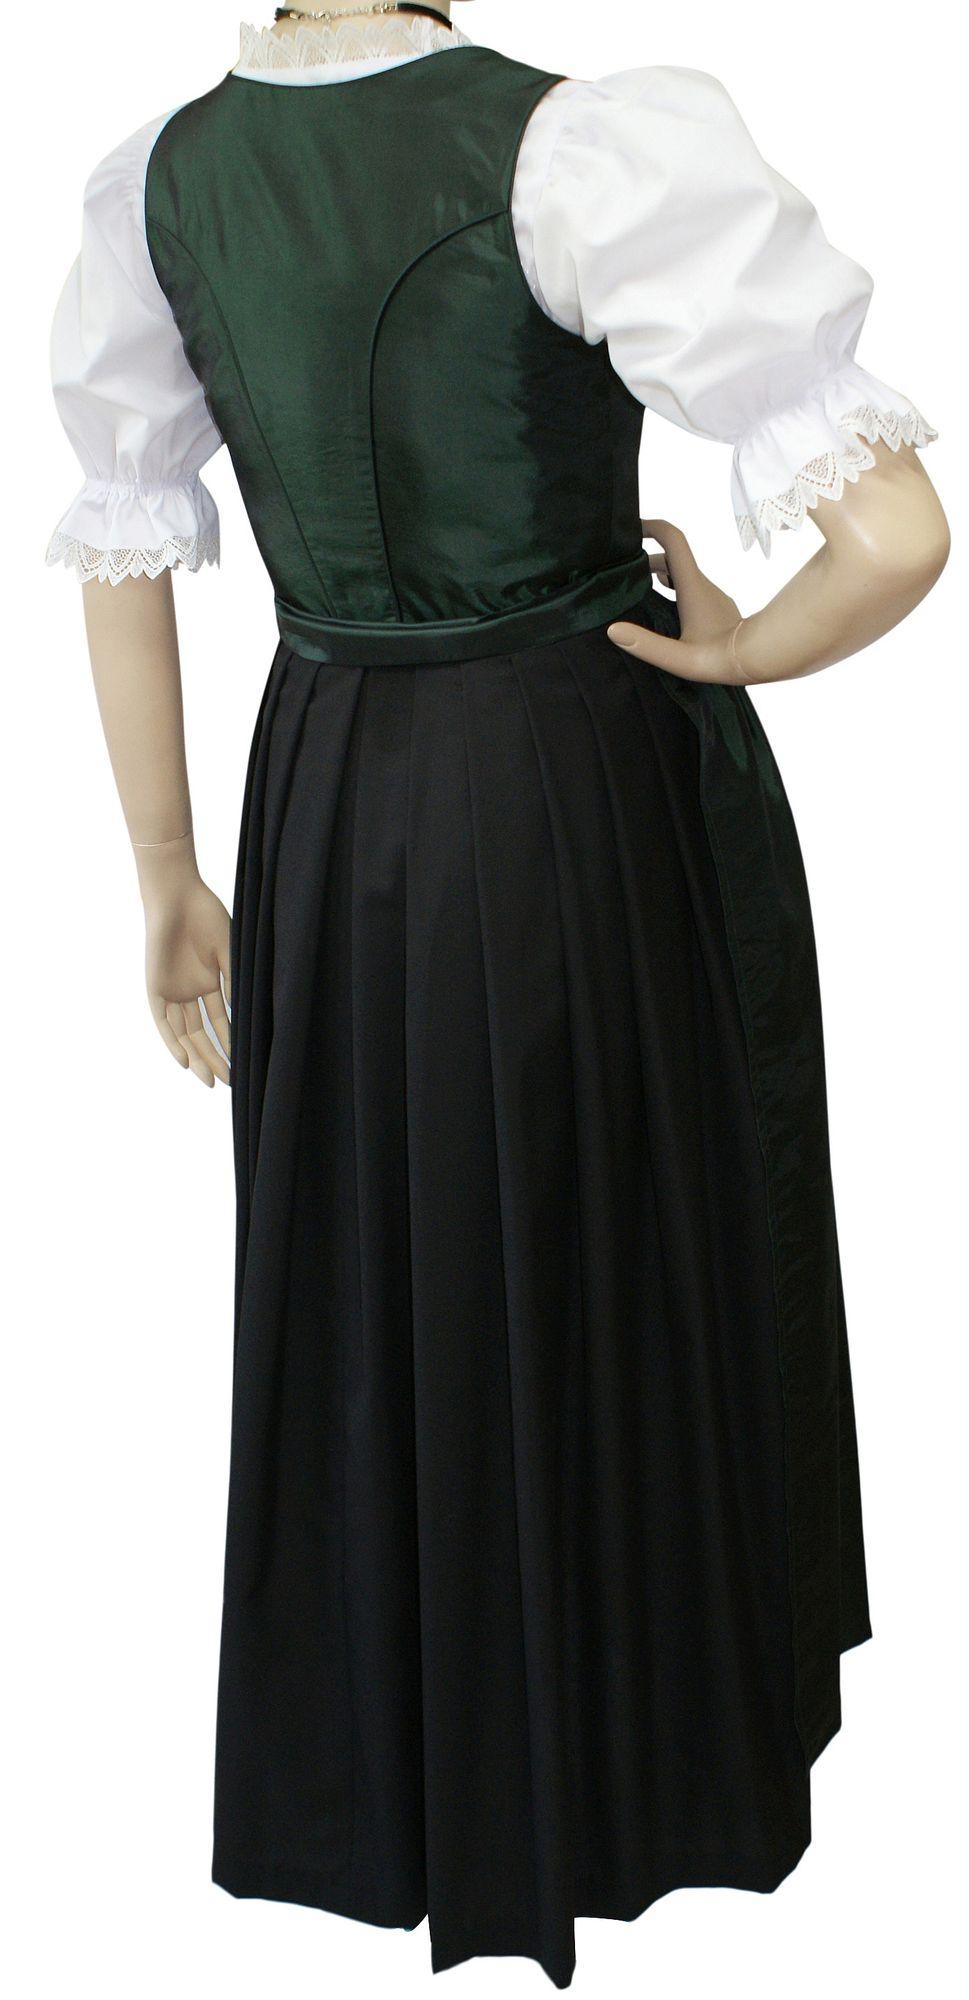 Dirndl Festtracht Trachten-Kleid Trachtenkleid Dirndlkleid Ball Fest Taft  grün